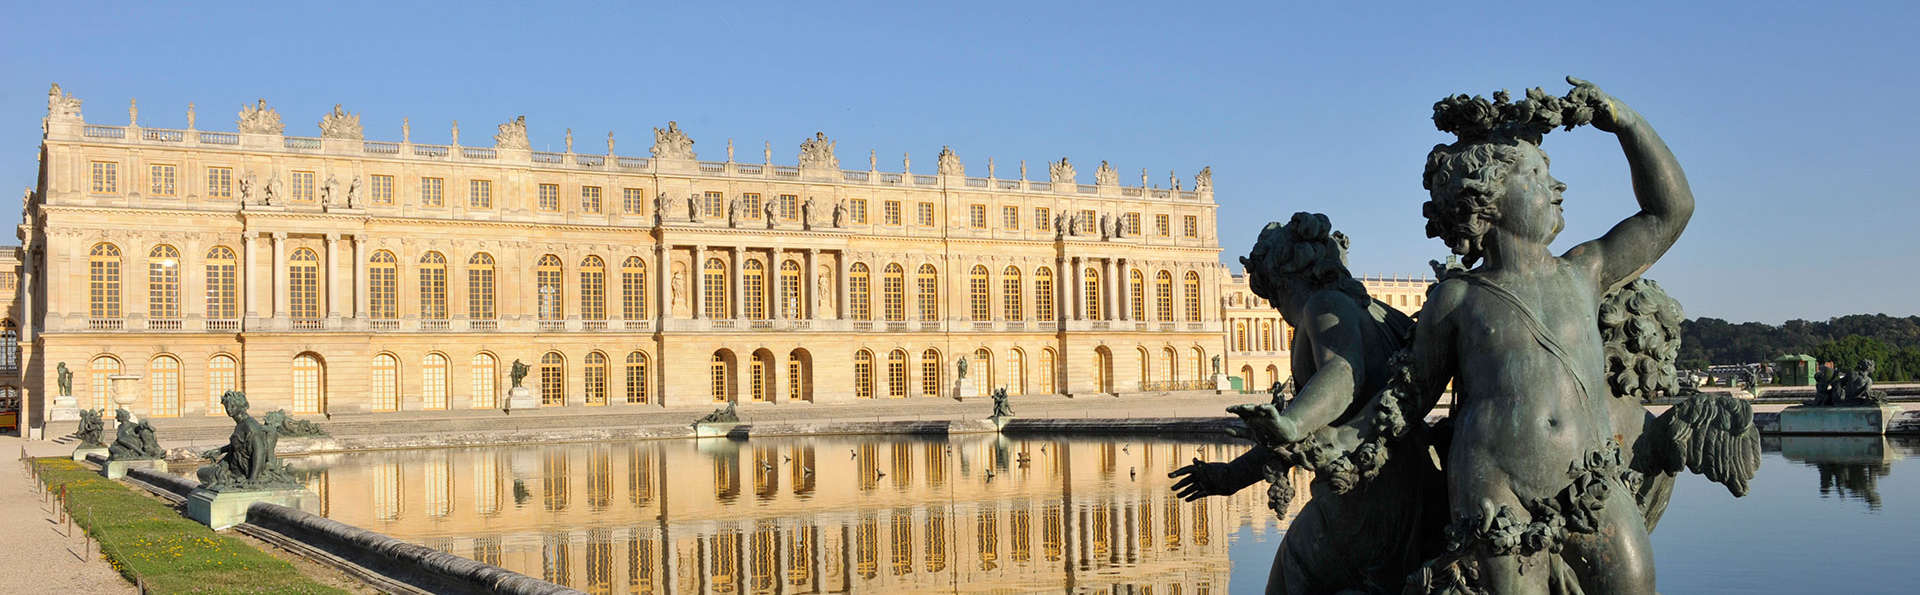 Découvrez le charme et la majestuosité du Château de Versailles